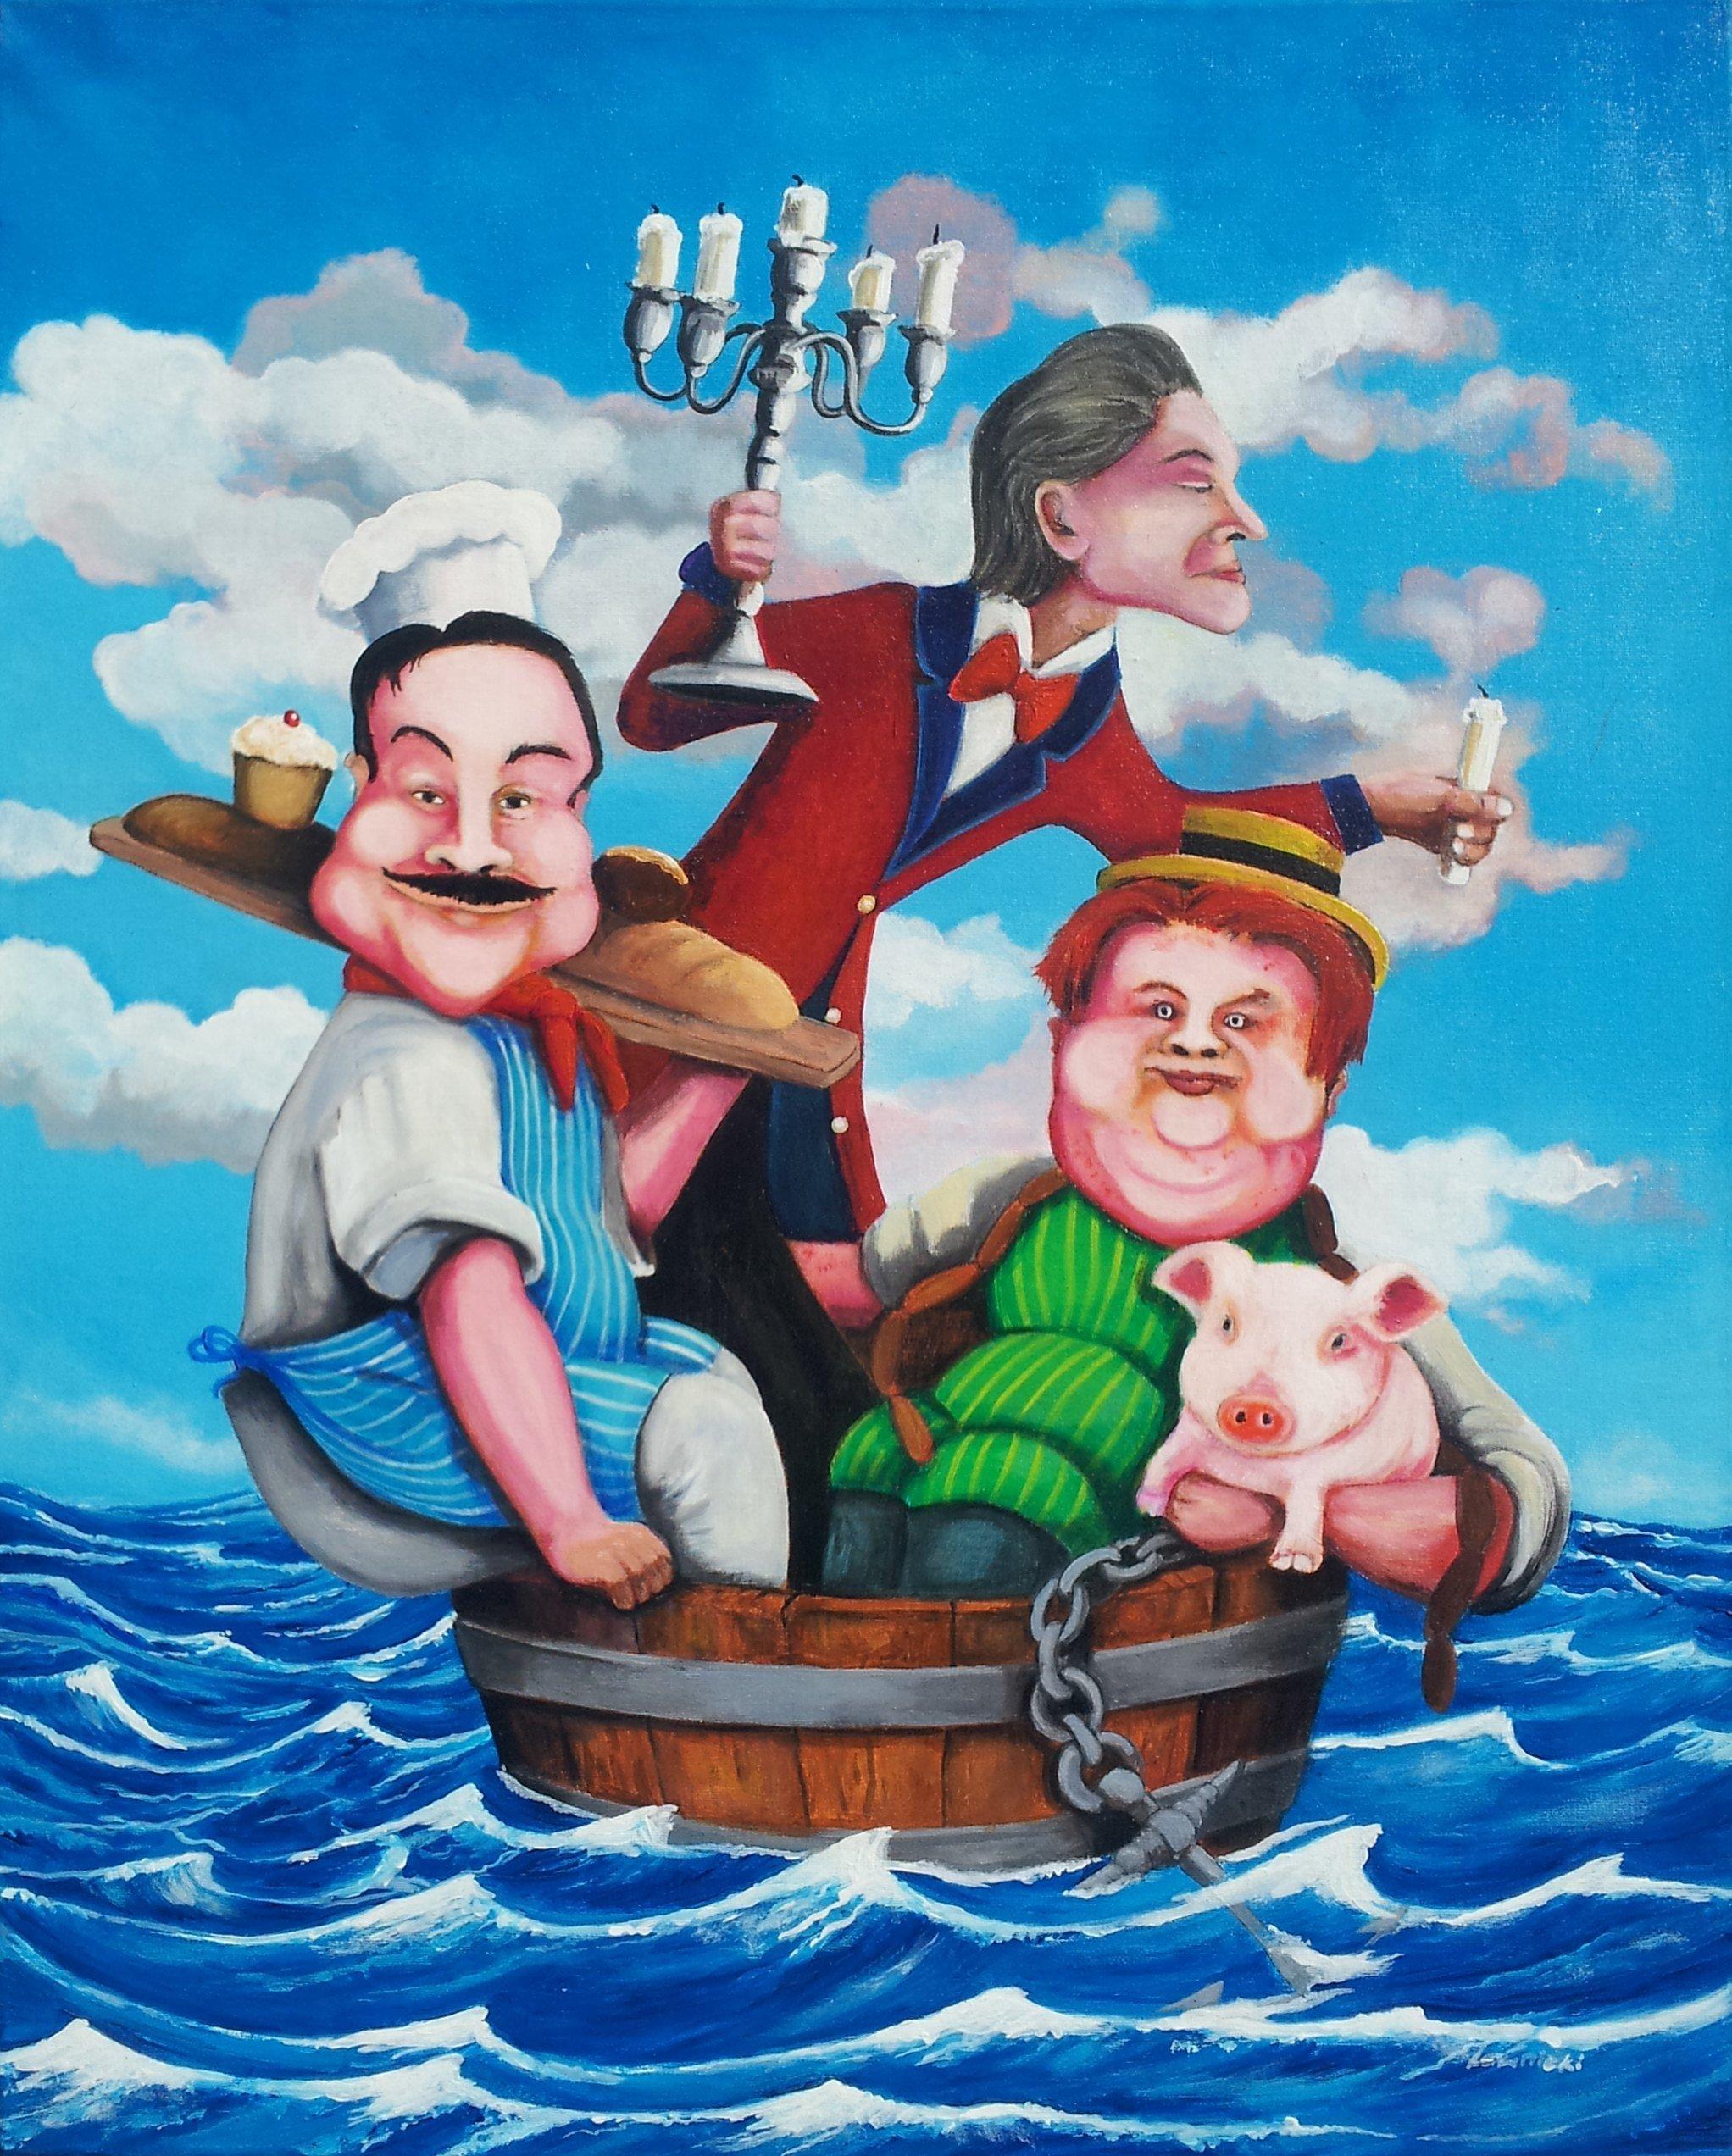 3 Men in the Boat